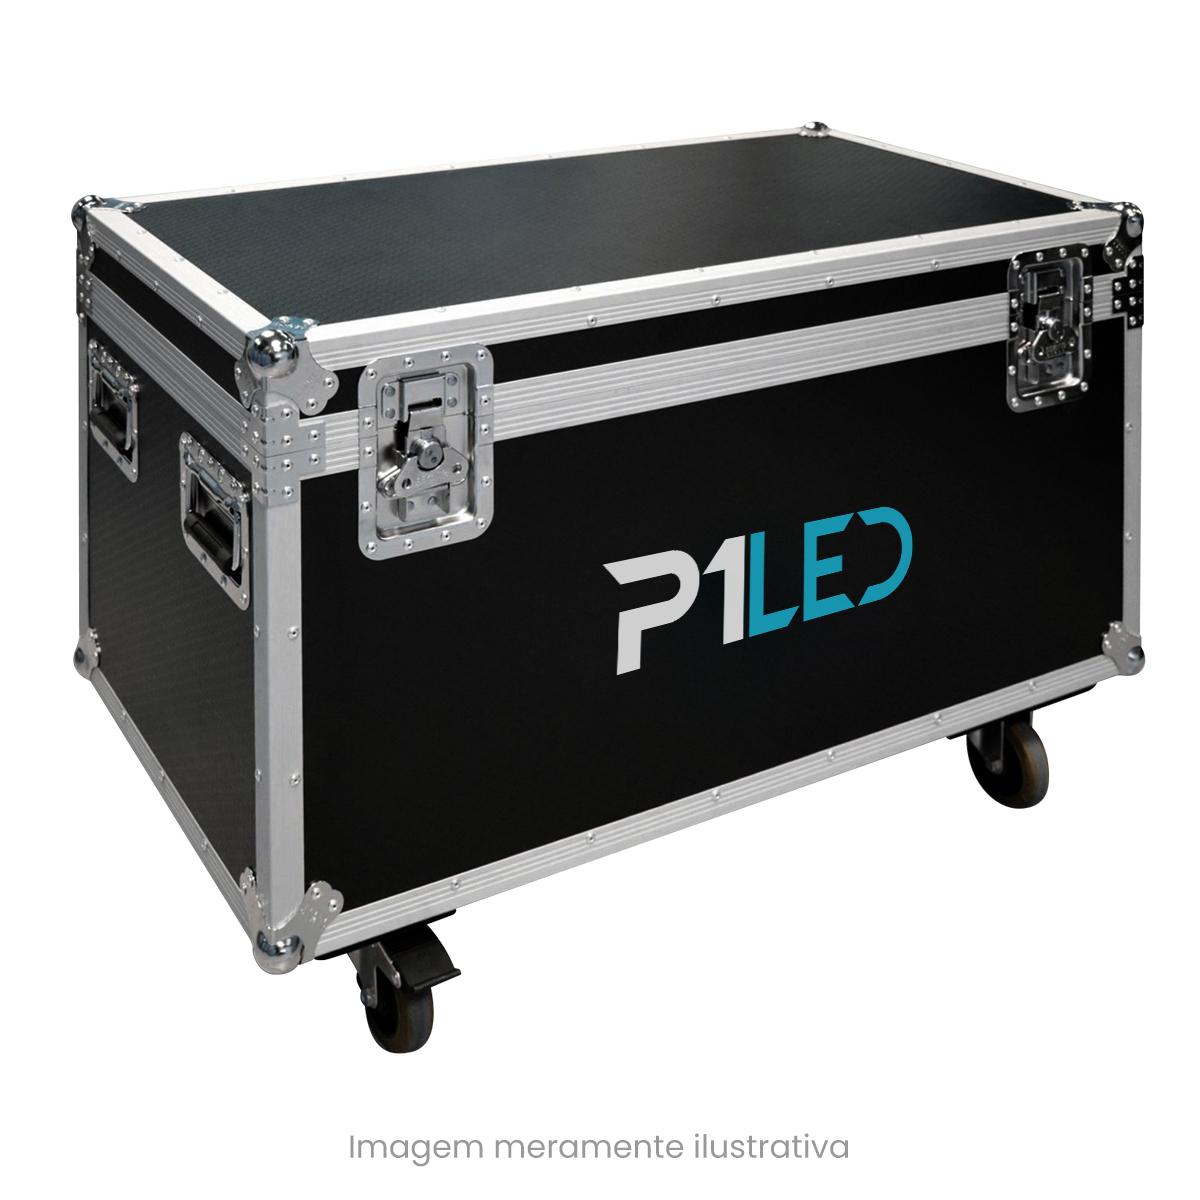 Painel de LED para Construtoras 4x3 - Telão P3 Outdoor  - Painel e Telão de LED - O Melhor Preço em Painel de LED | P1LED